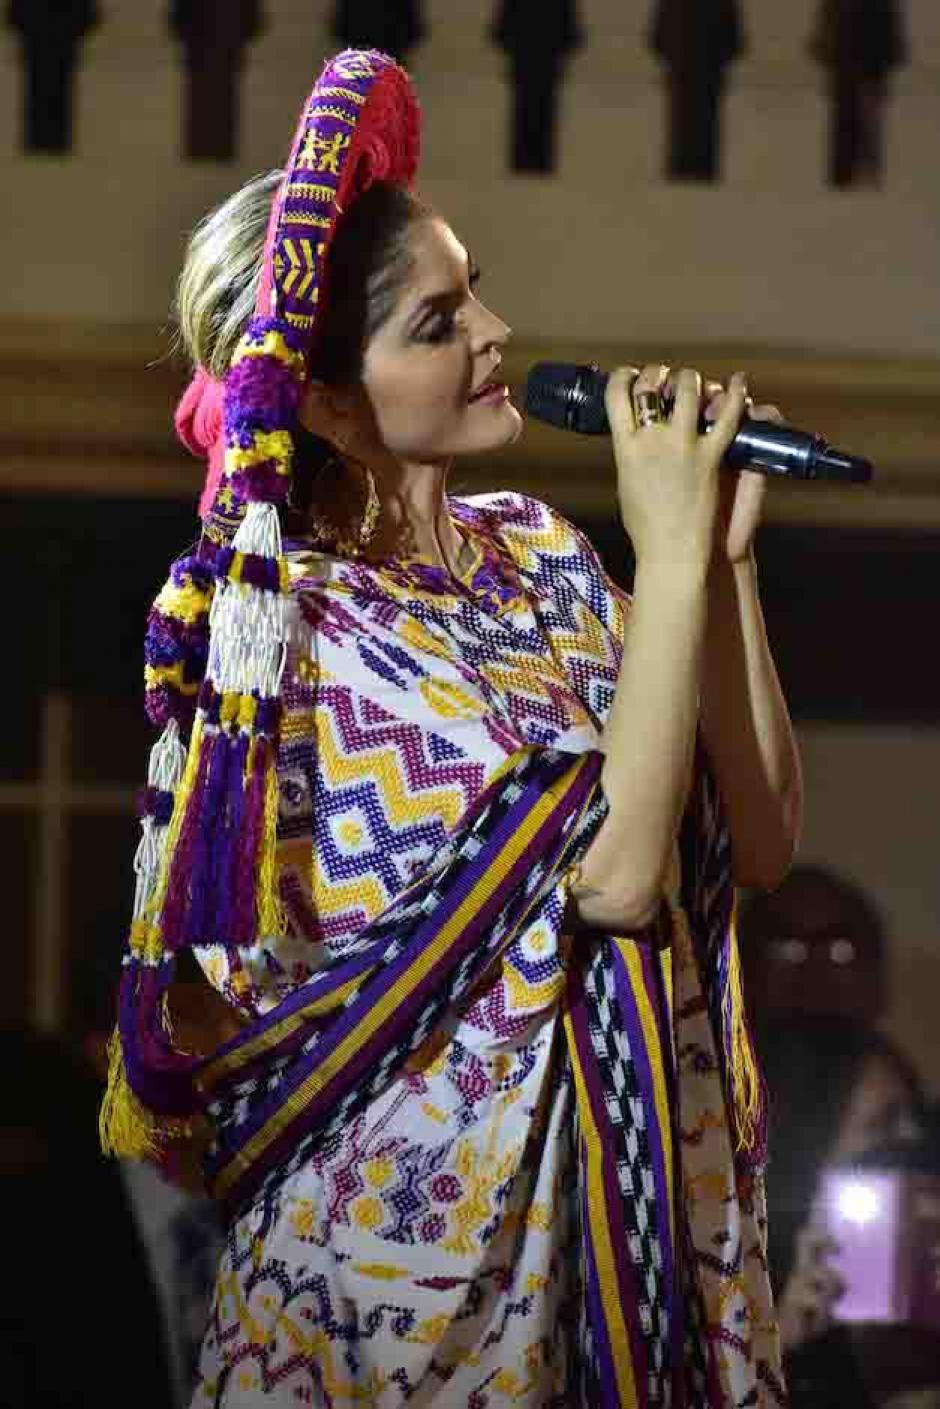 Ana Bárbara vistió un traje típico del altiplano guatemalteco para dedicarle una serenata a la Virgen. (Luis Castillo/Te Cuento)